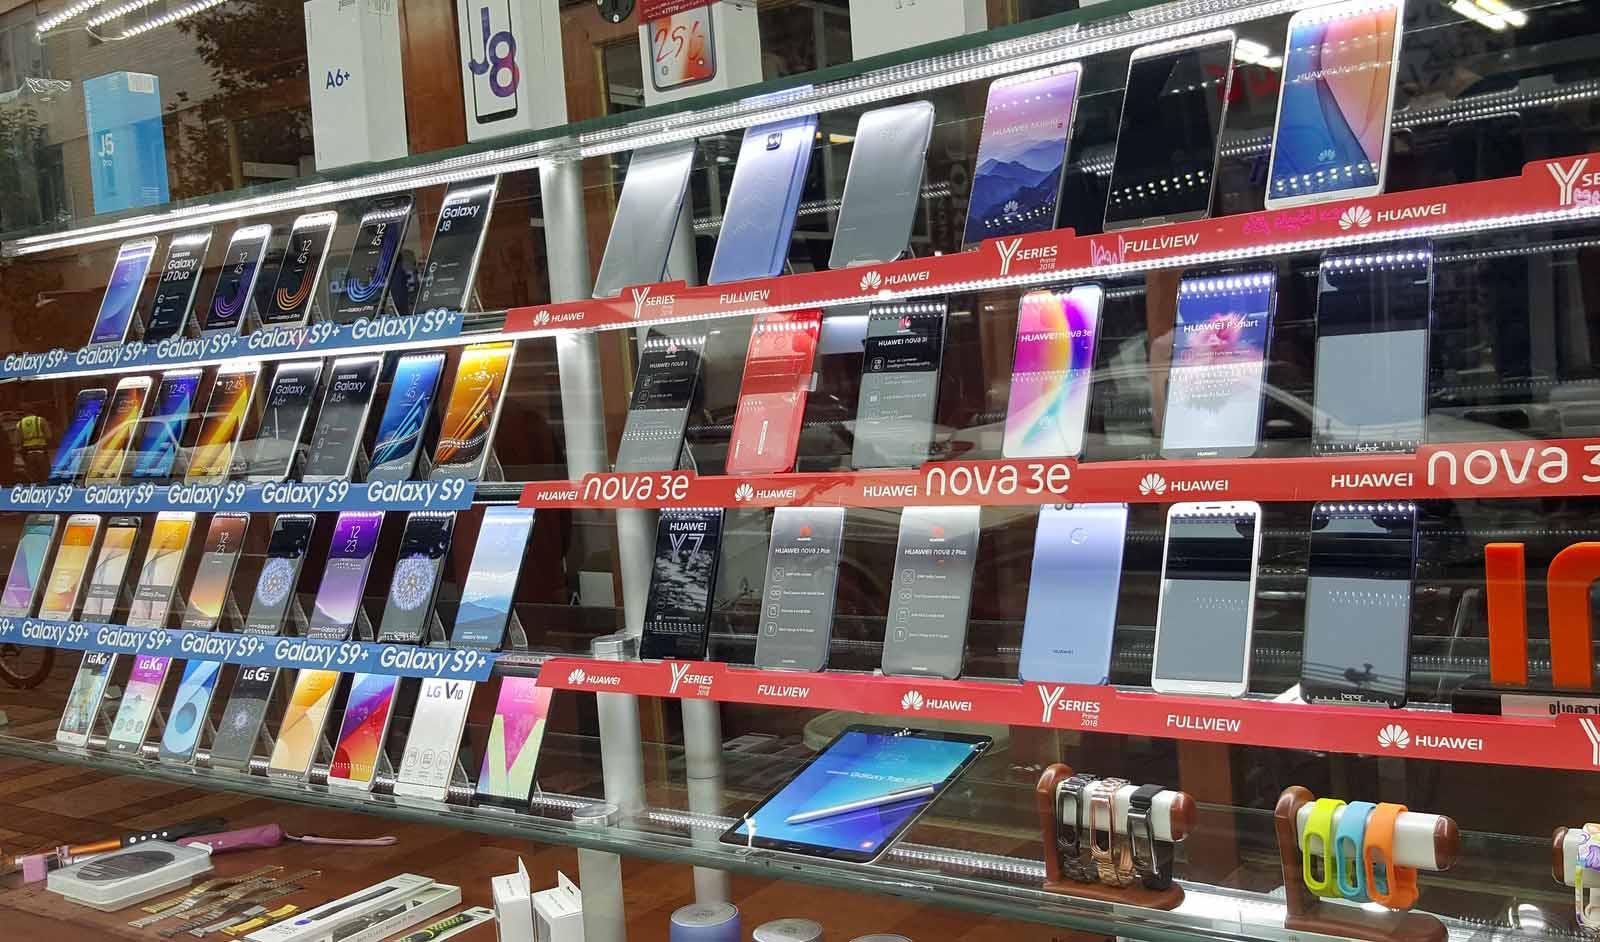 روند قیمت ها در بازار موبایل کماکان صعودی است/ جدول قیمت ها